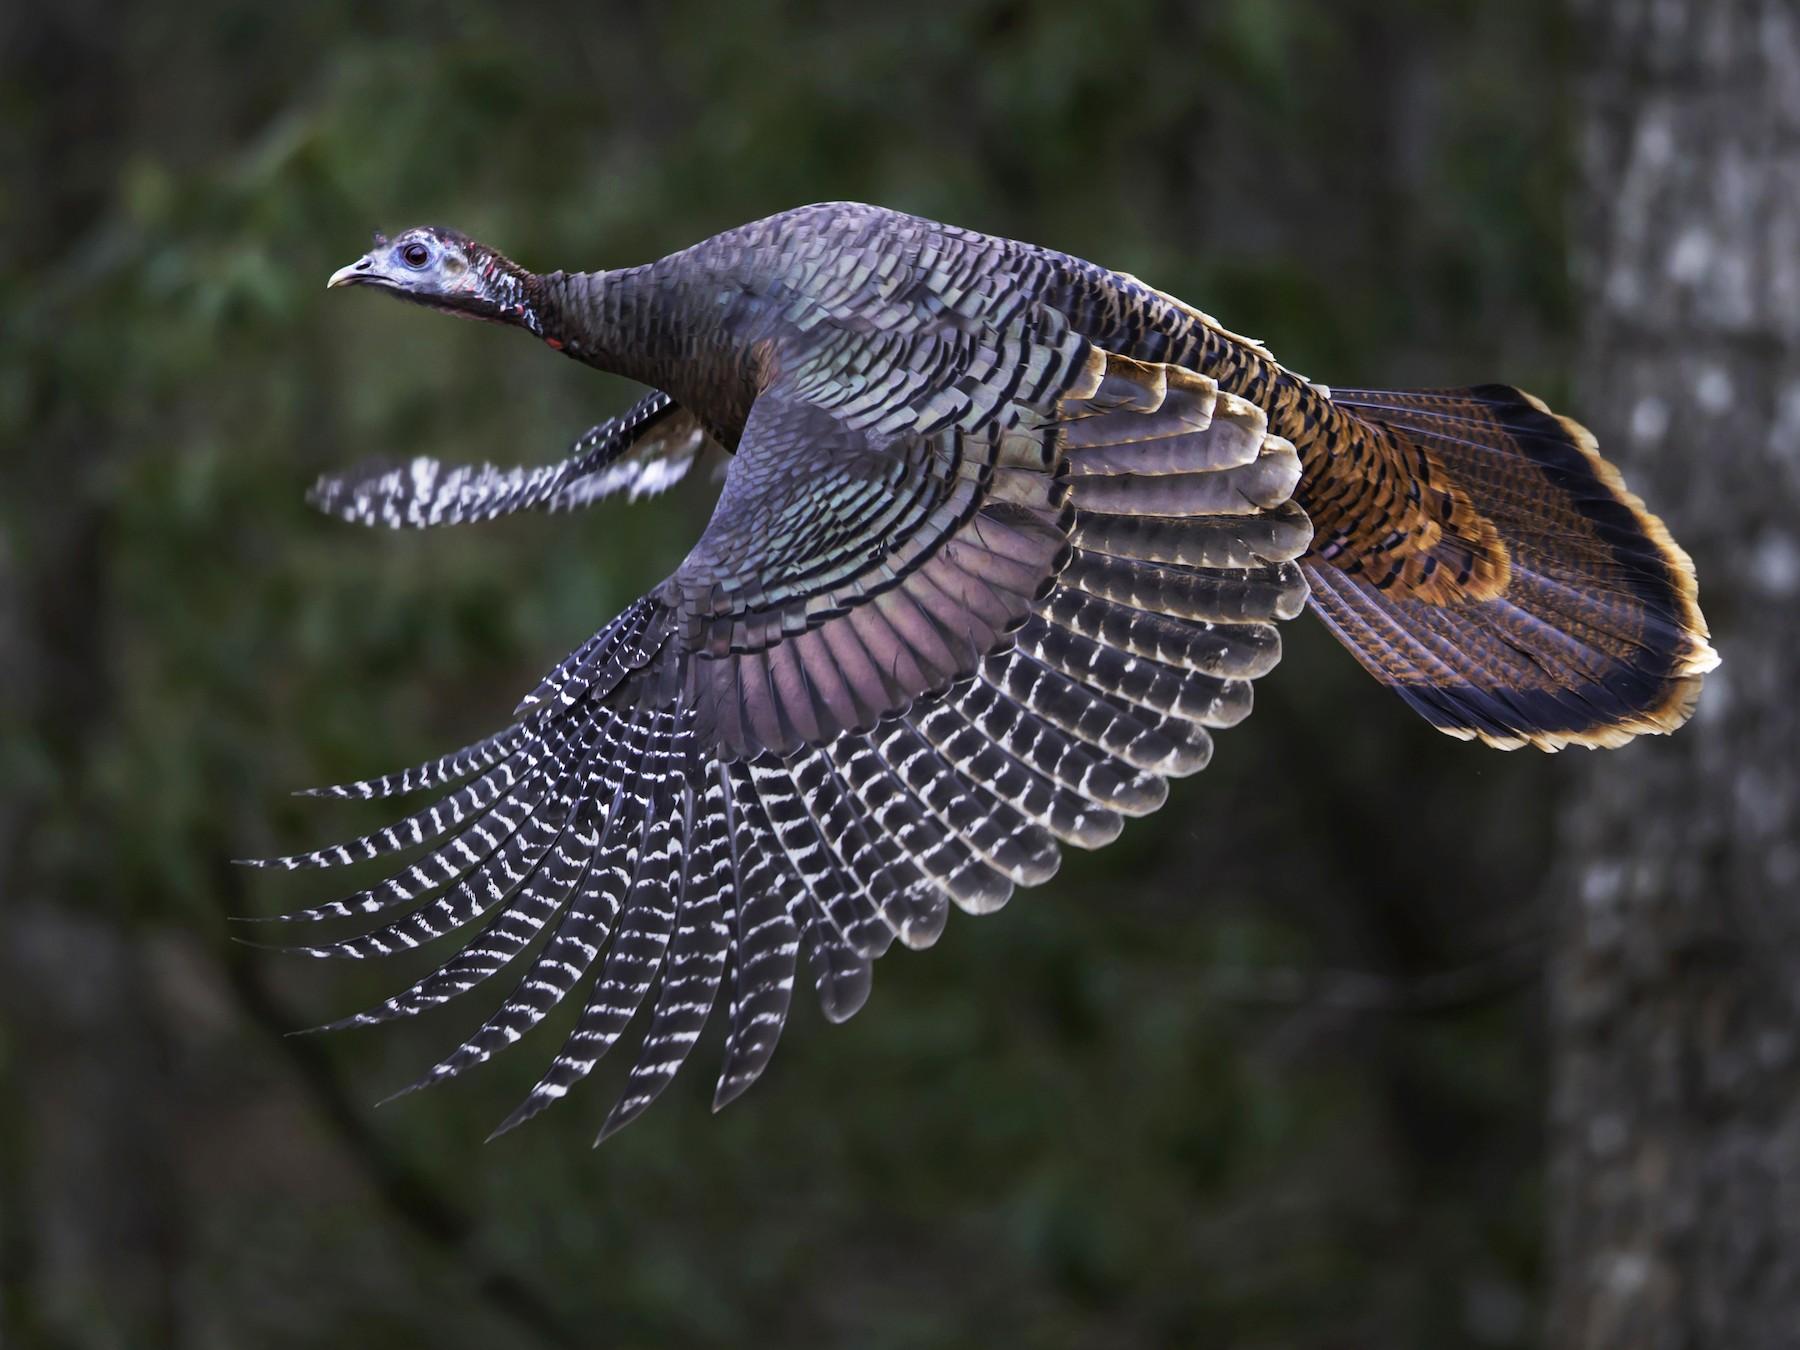 Wild Turkey - David Turko